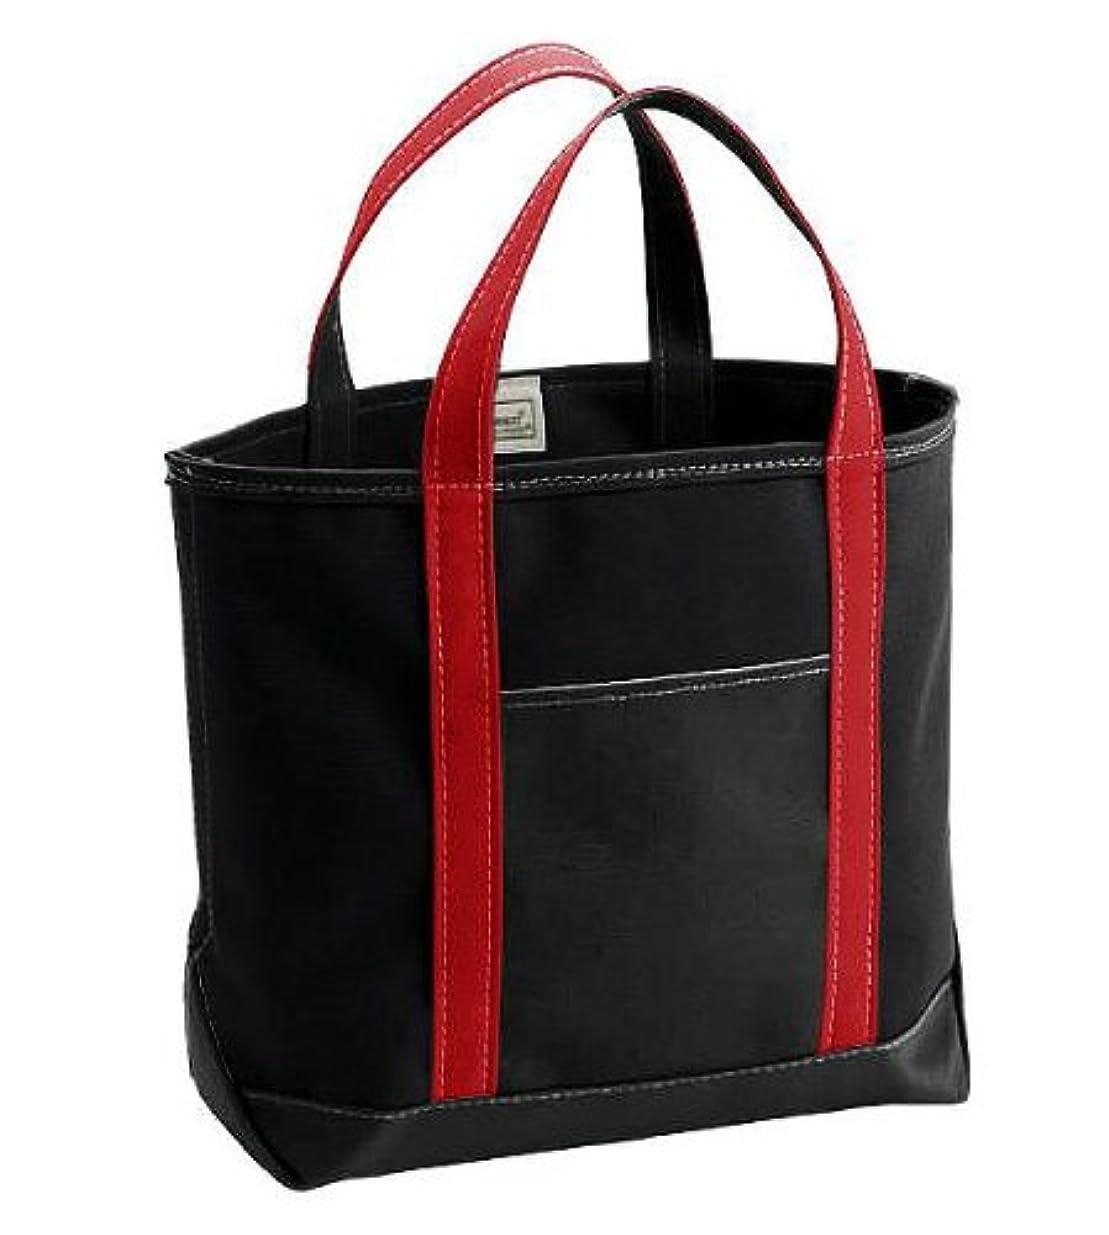 毛皮スクワイア知らせる(エルエルビーン) LL Bean 別注キャンバストートバッグ ブラック/レッド 日本未入荷Custom Tote Bag Medium Black/Red (並行輸入品)